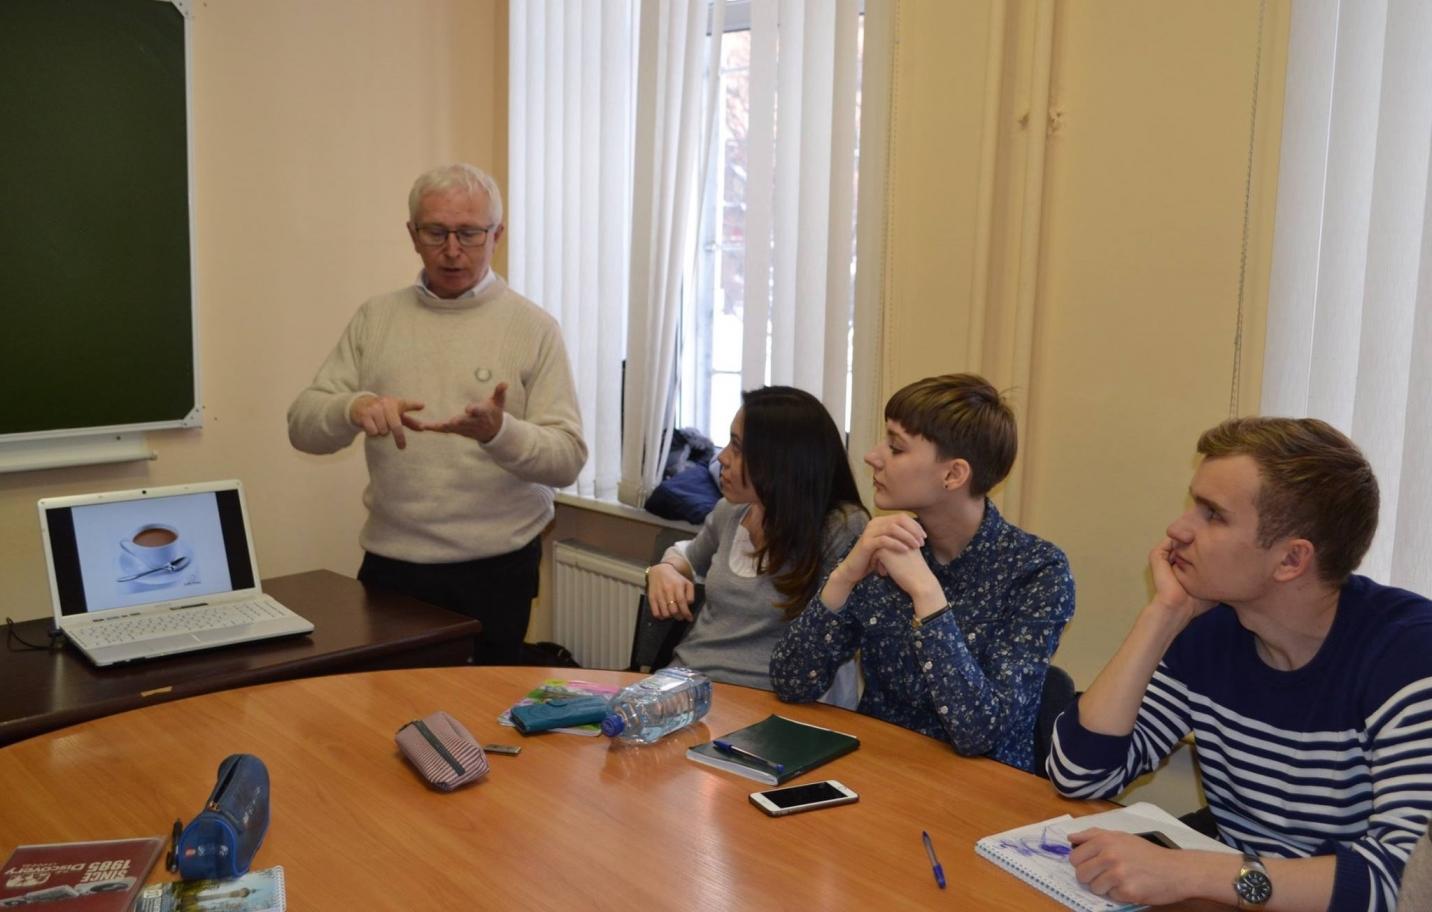 Дэвид Моссоп прочитал курс устного последовательного перевода студентам кафедры